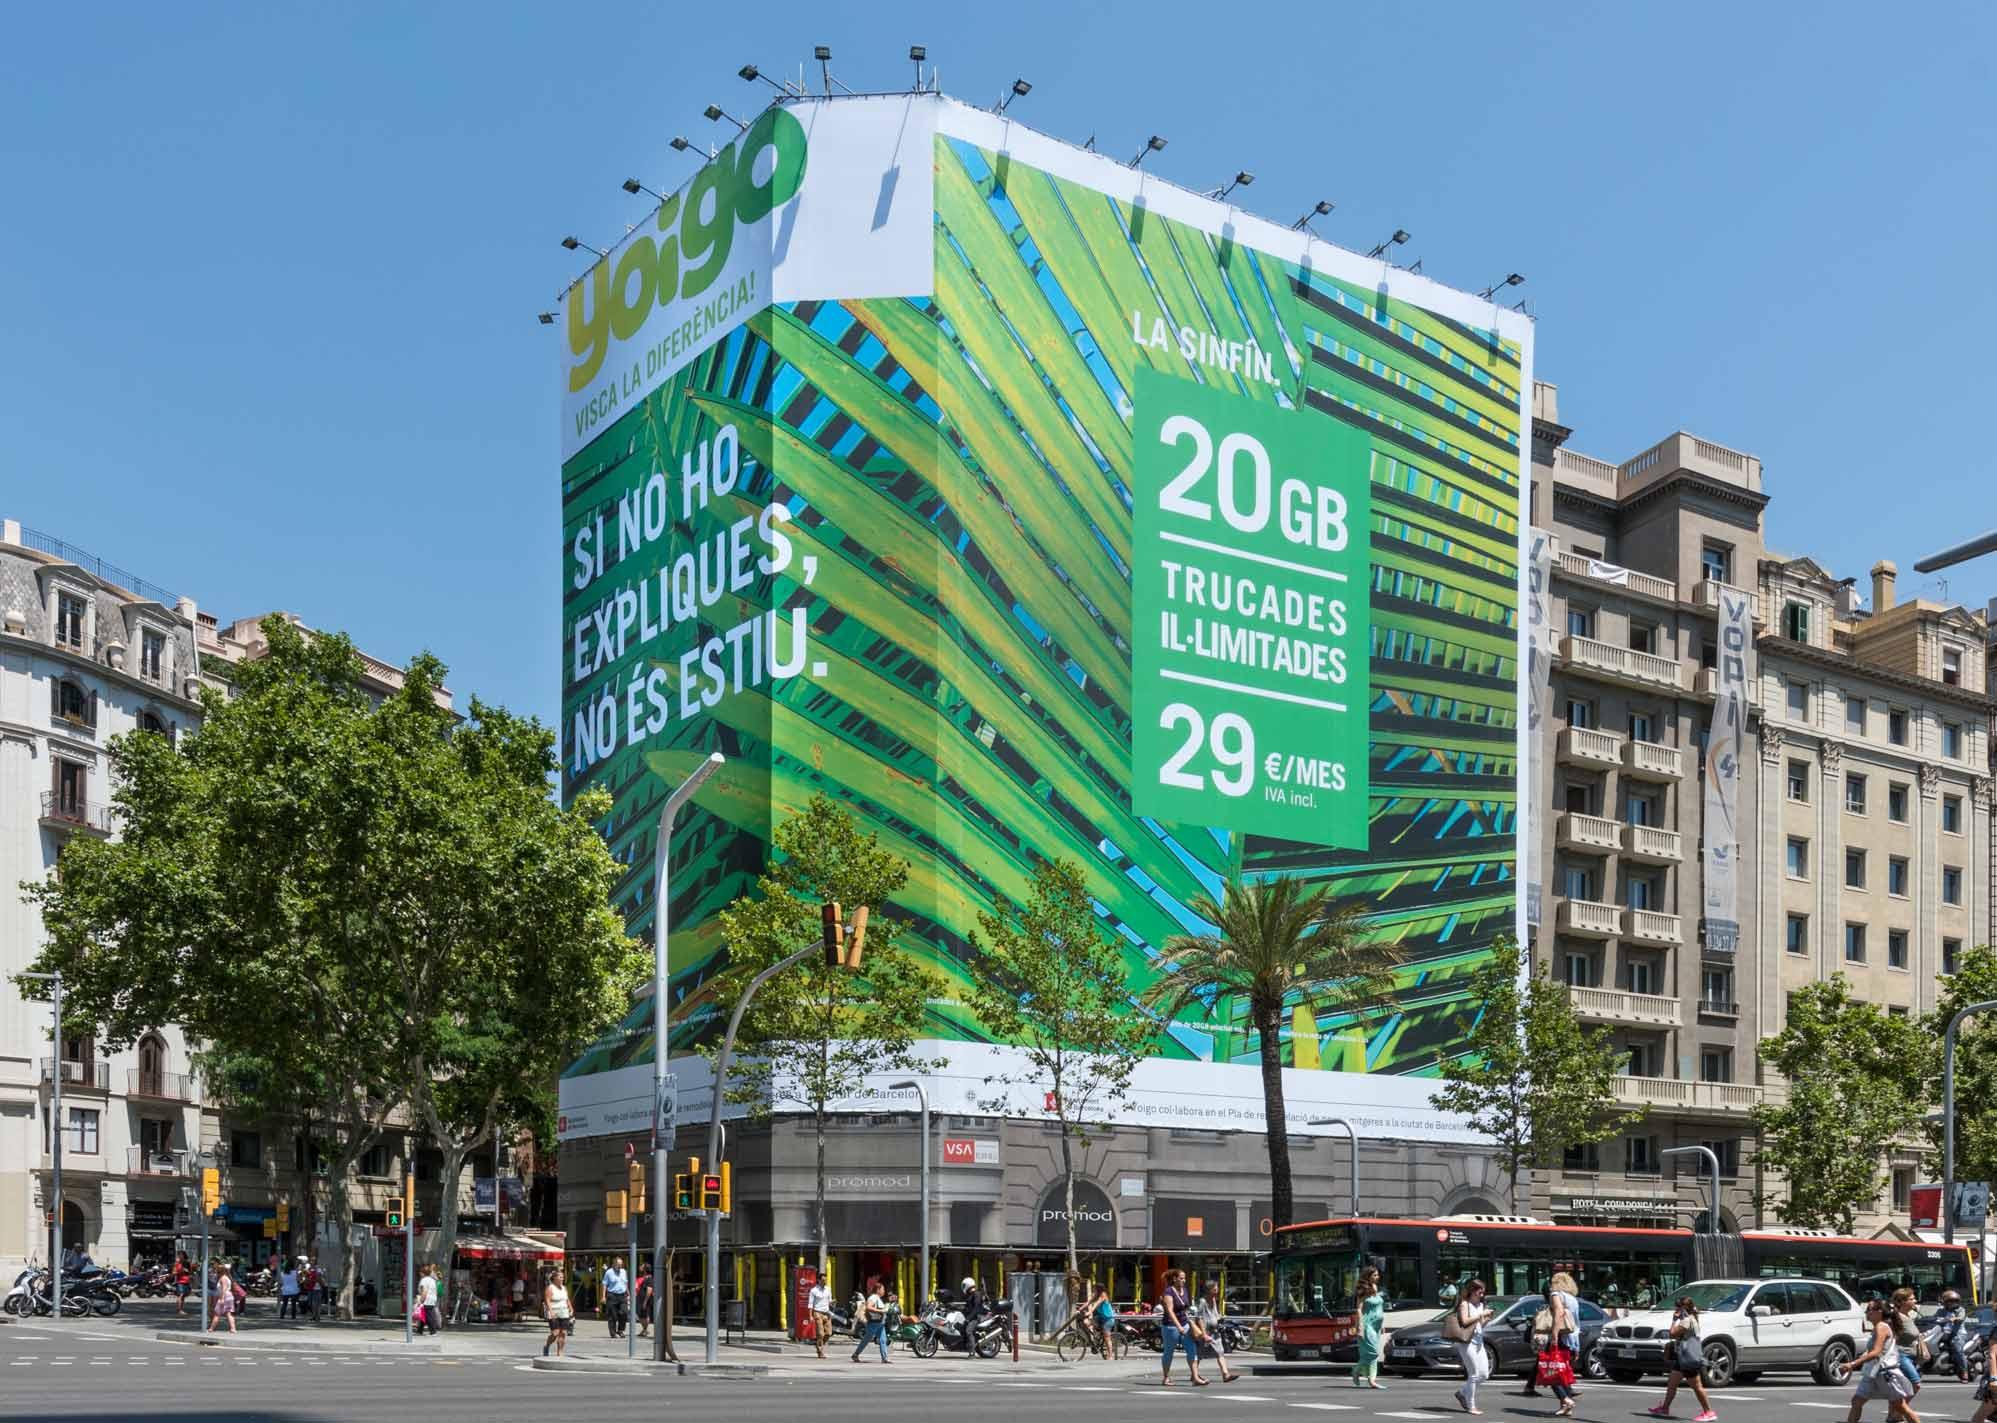 lona-publicitaria-barcelona-avenida-diagonal-598-yoigo-dia-vsa-comunicacion